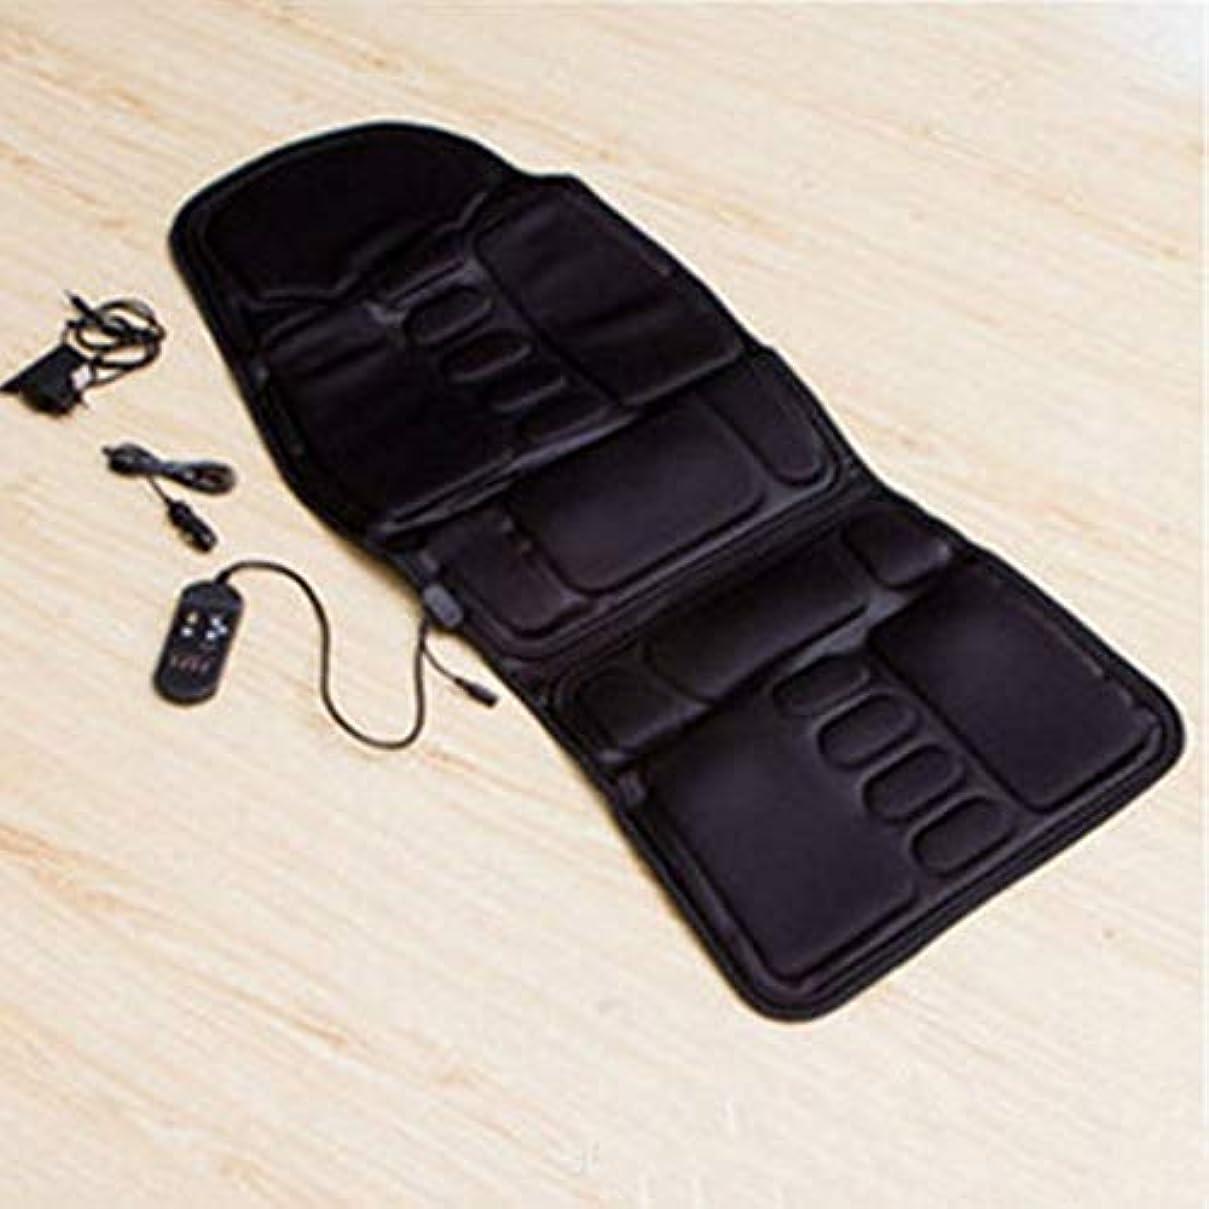 フルーツピストルクアッガCar Chair Home Seat Heat Cushion Back Neck Waist Body Electric Multifunctional Chair Massage Pad Back Massager